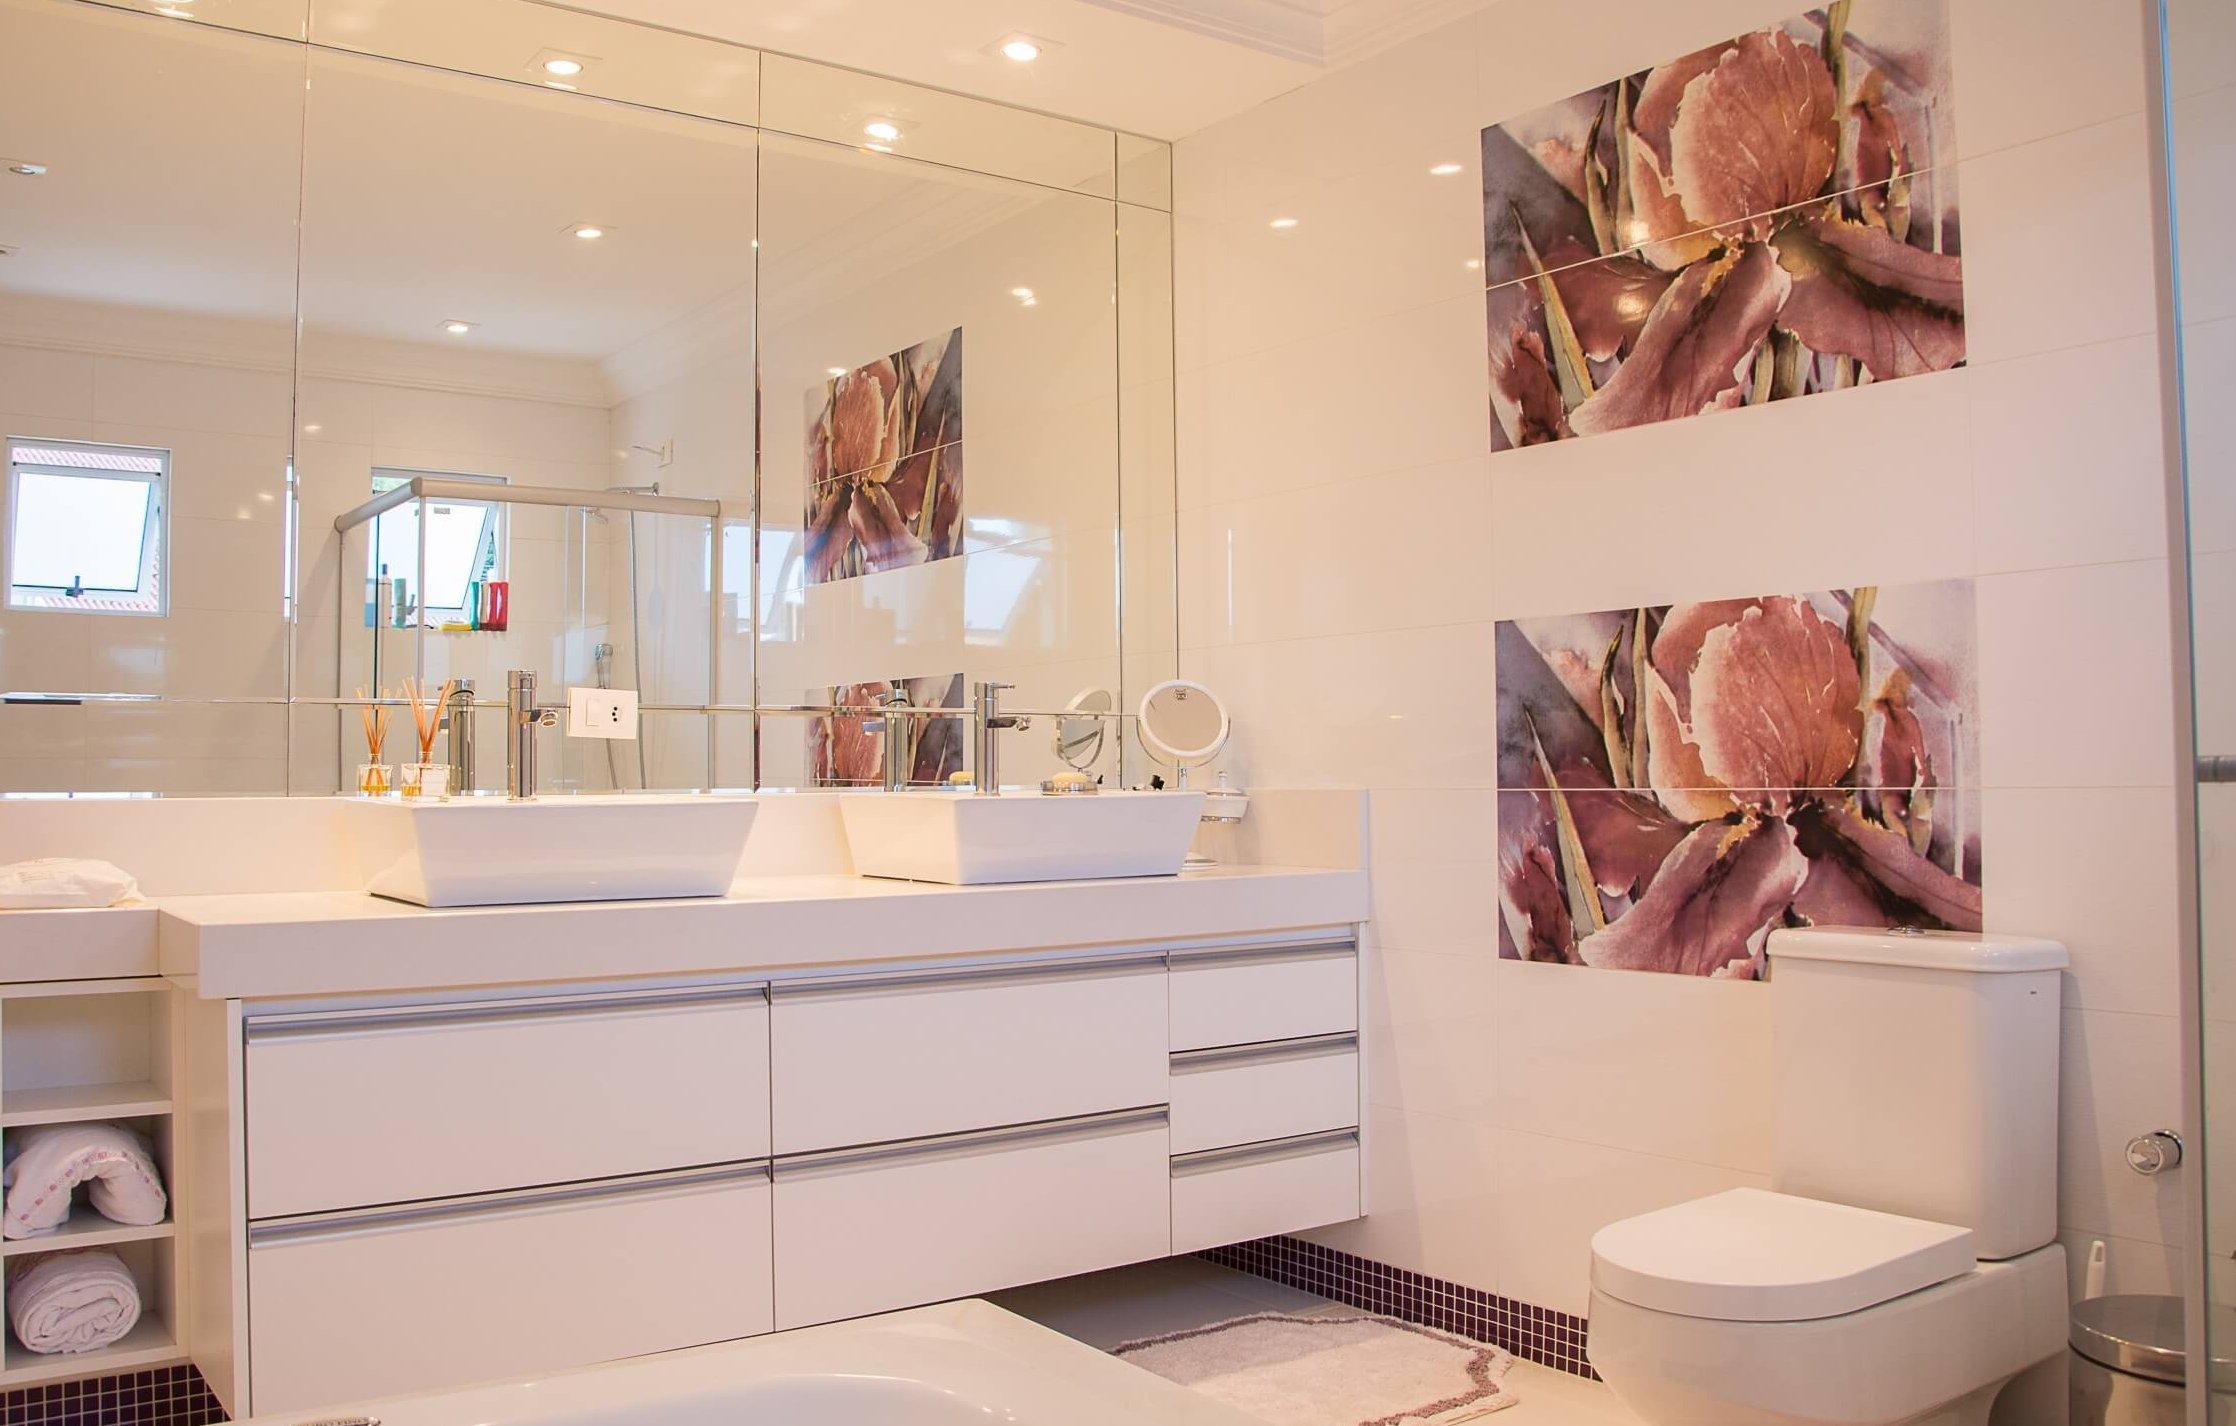 The Best Bathroom Wall Decor Ideas